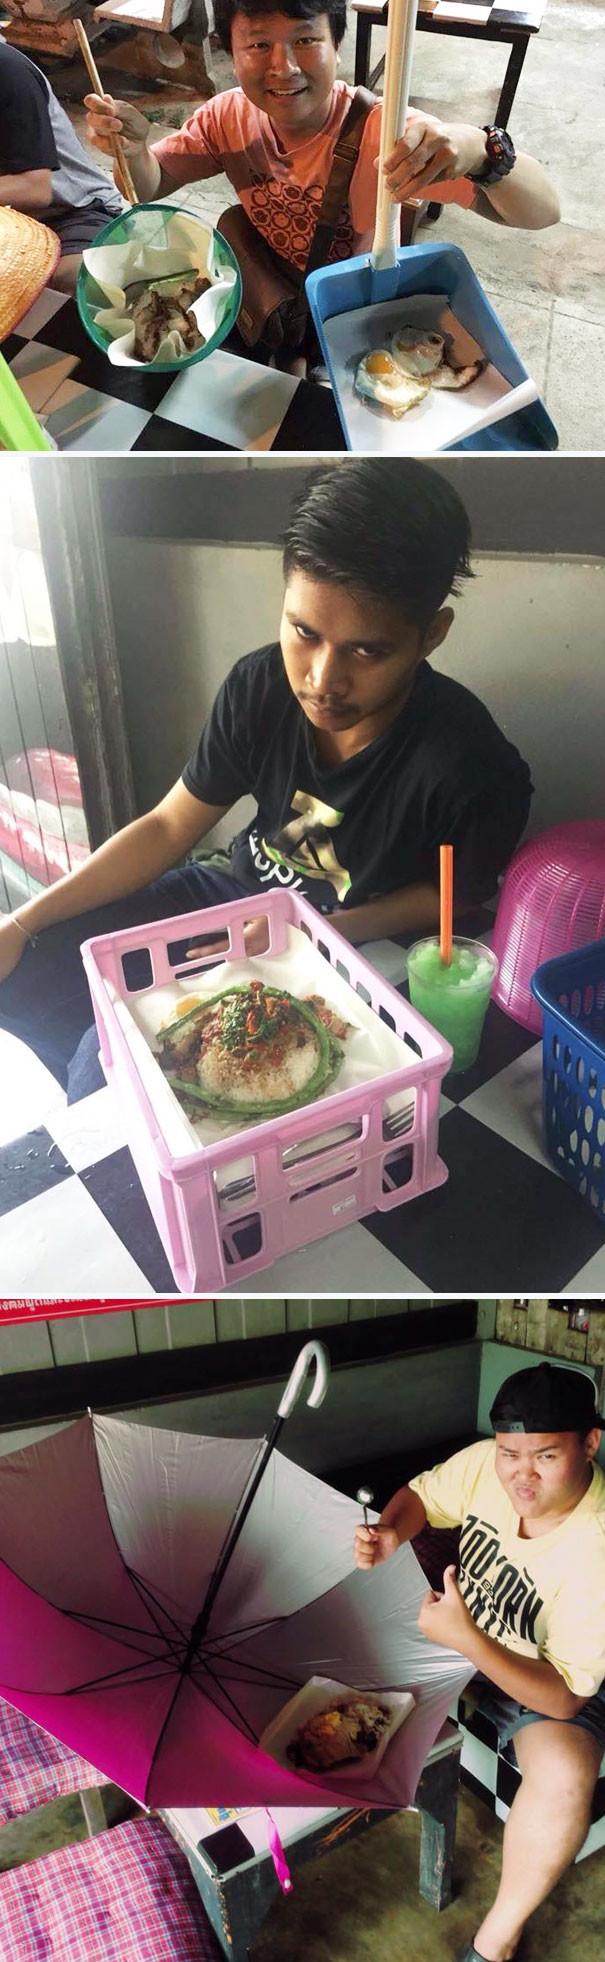 Тайские рестораторы превзошли себя блюда, еда, изыски, оформление блюд, подача блюд, ресторан, смешно, странные фантазии